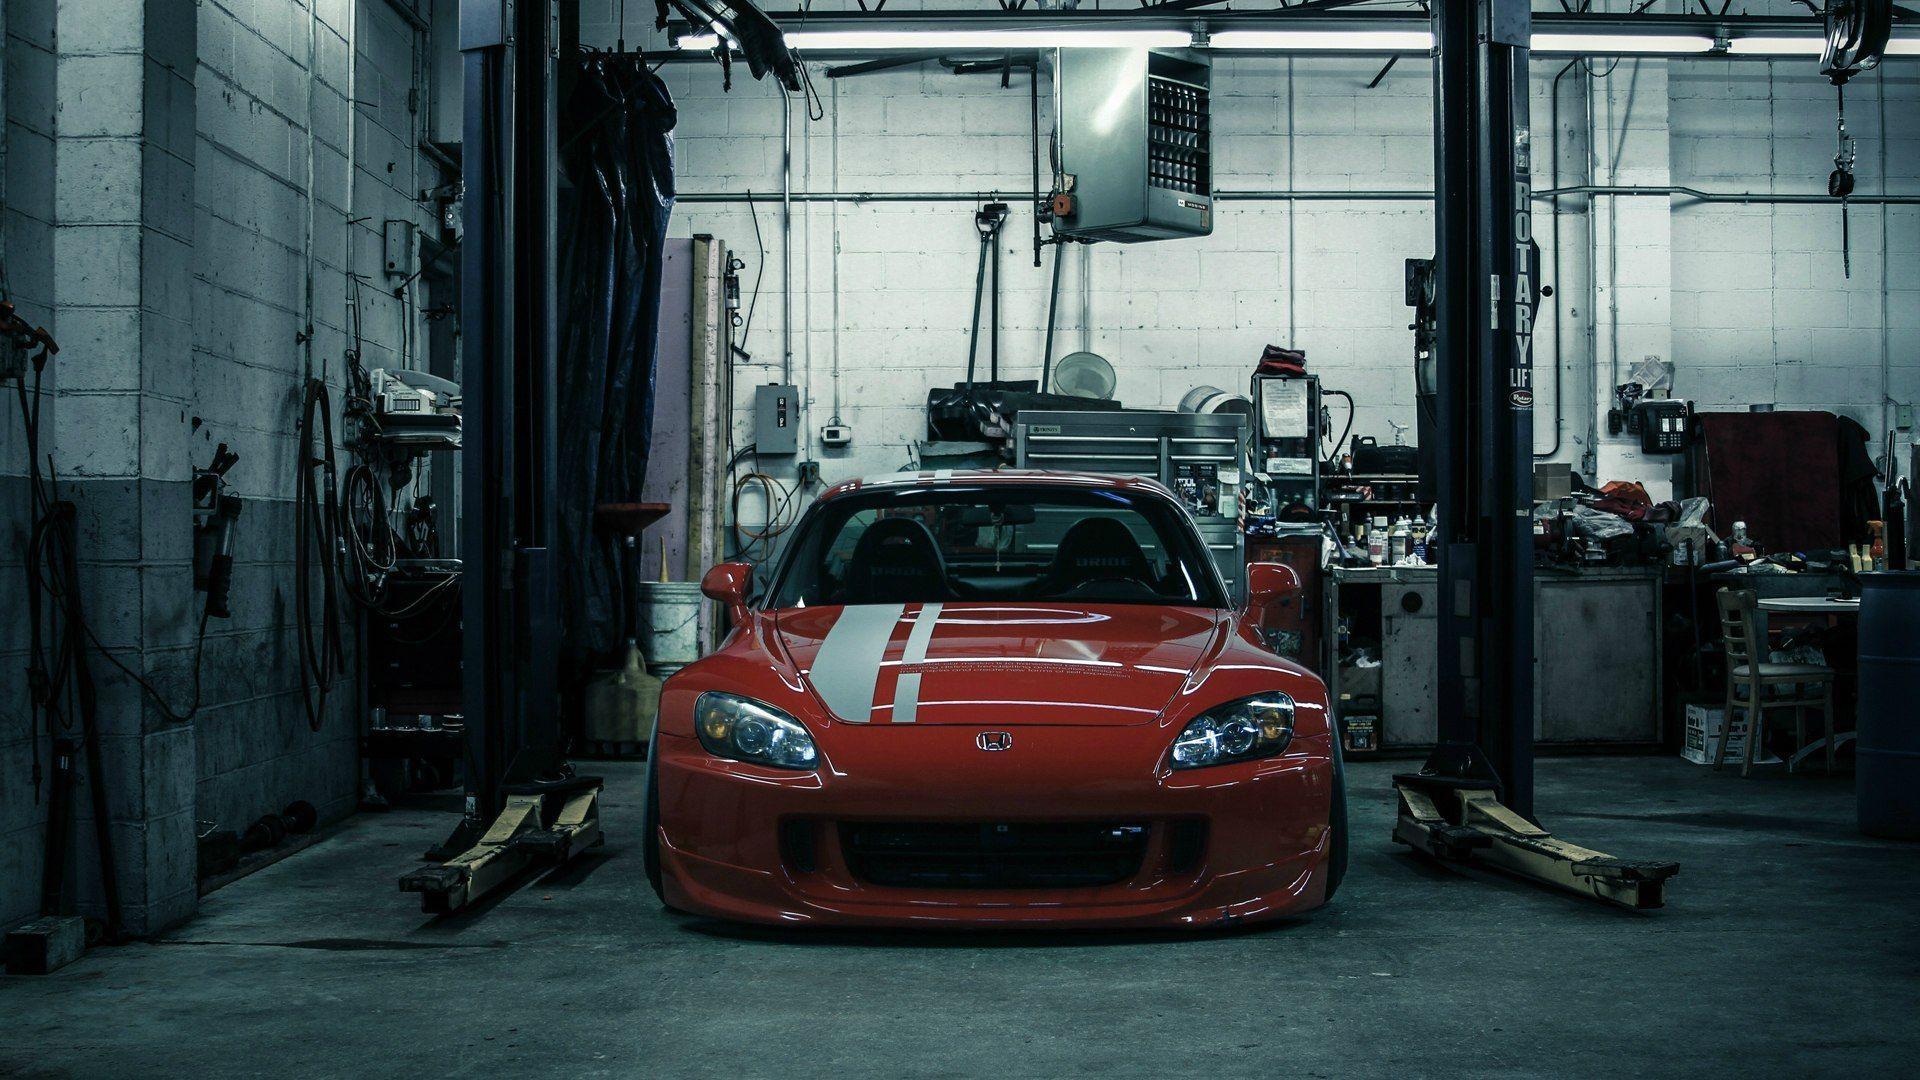 Garage wallpaper theme